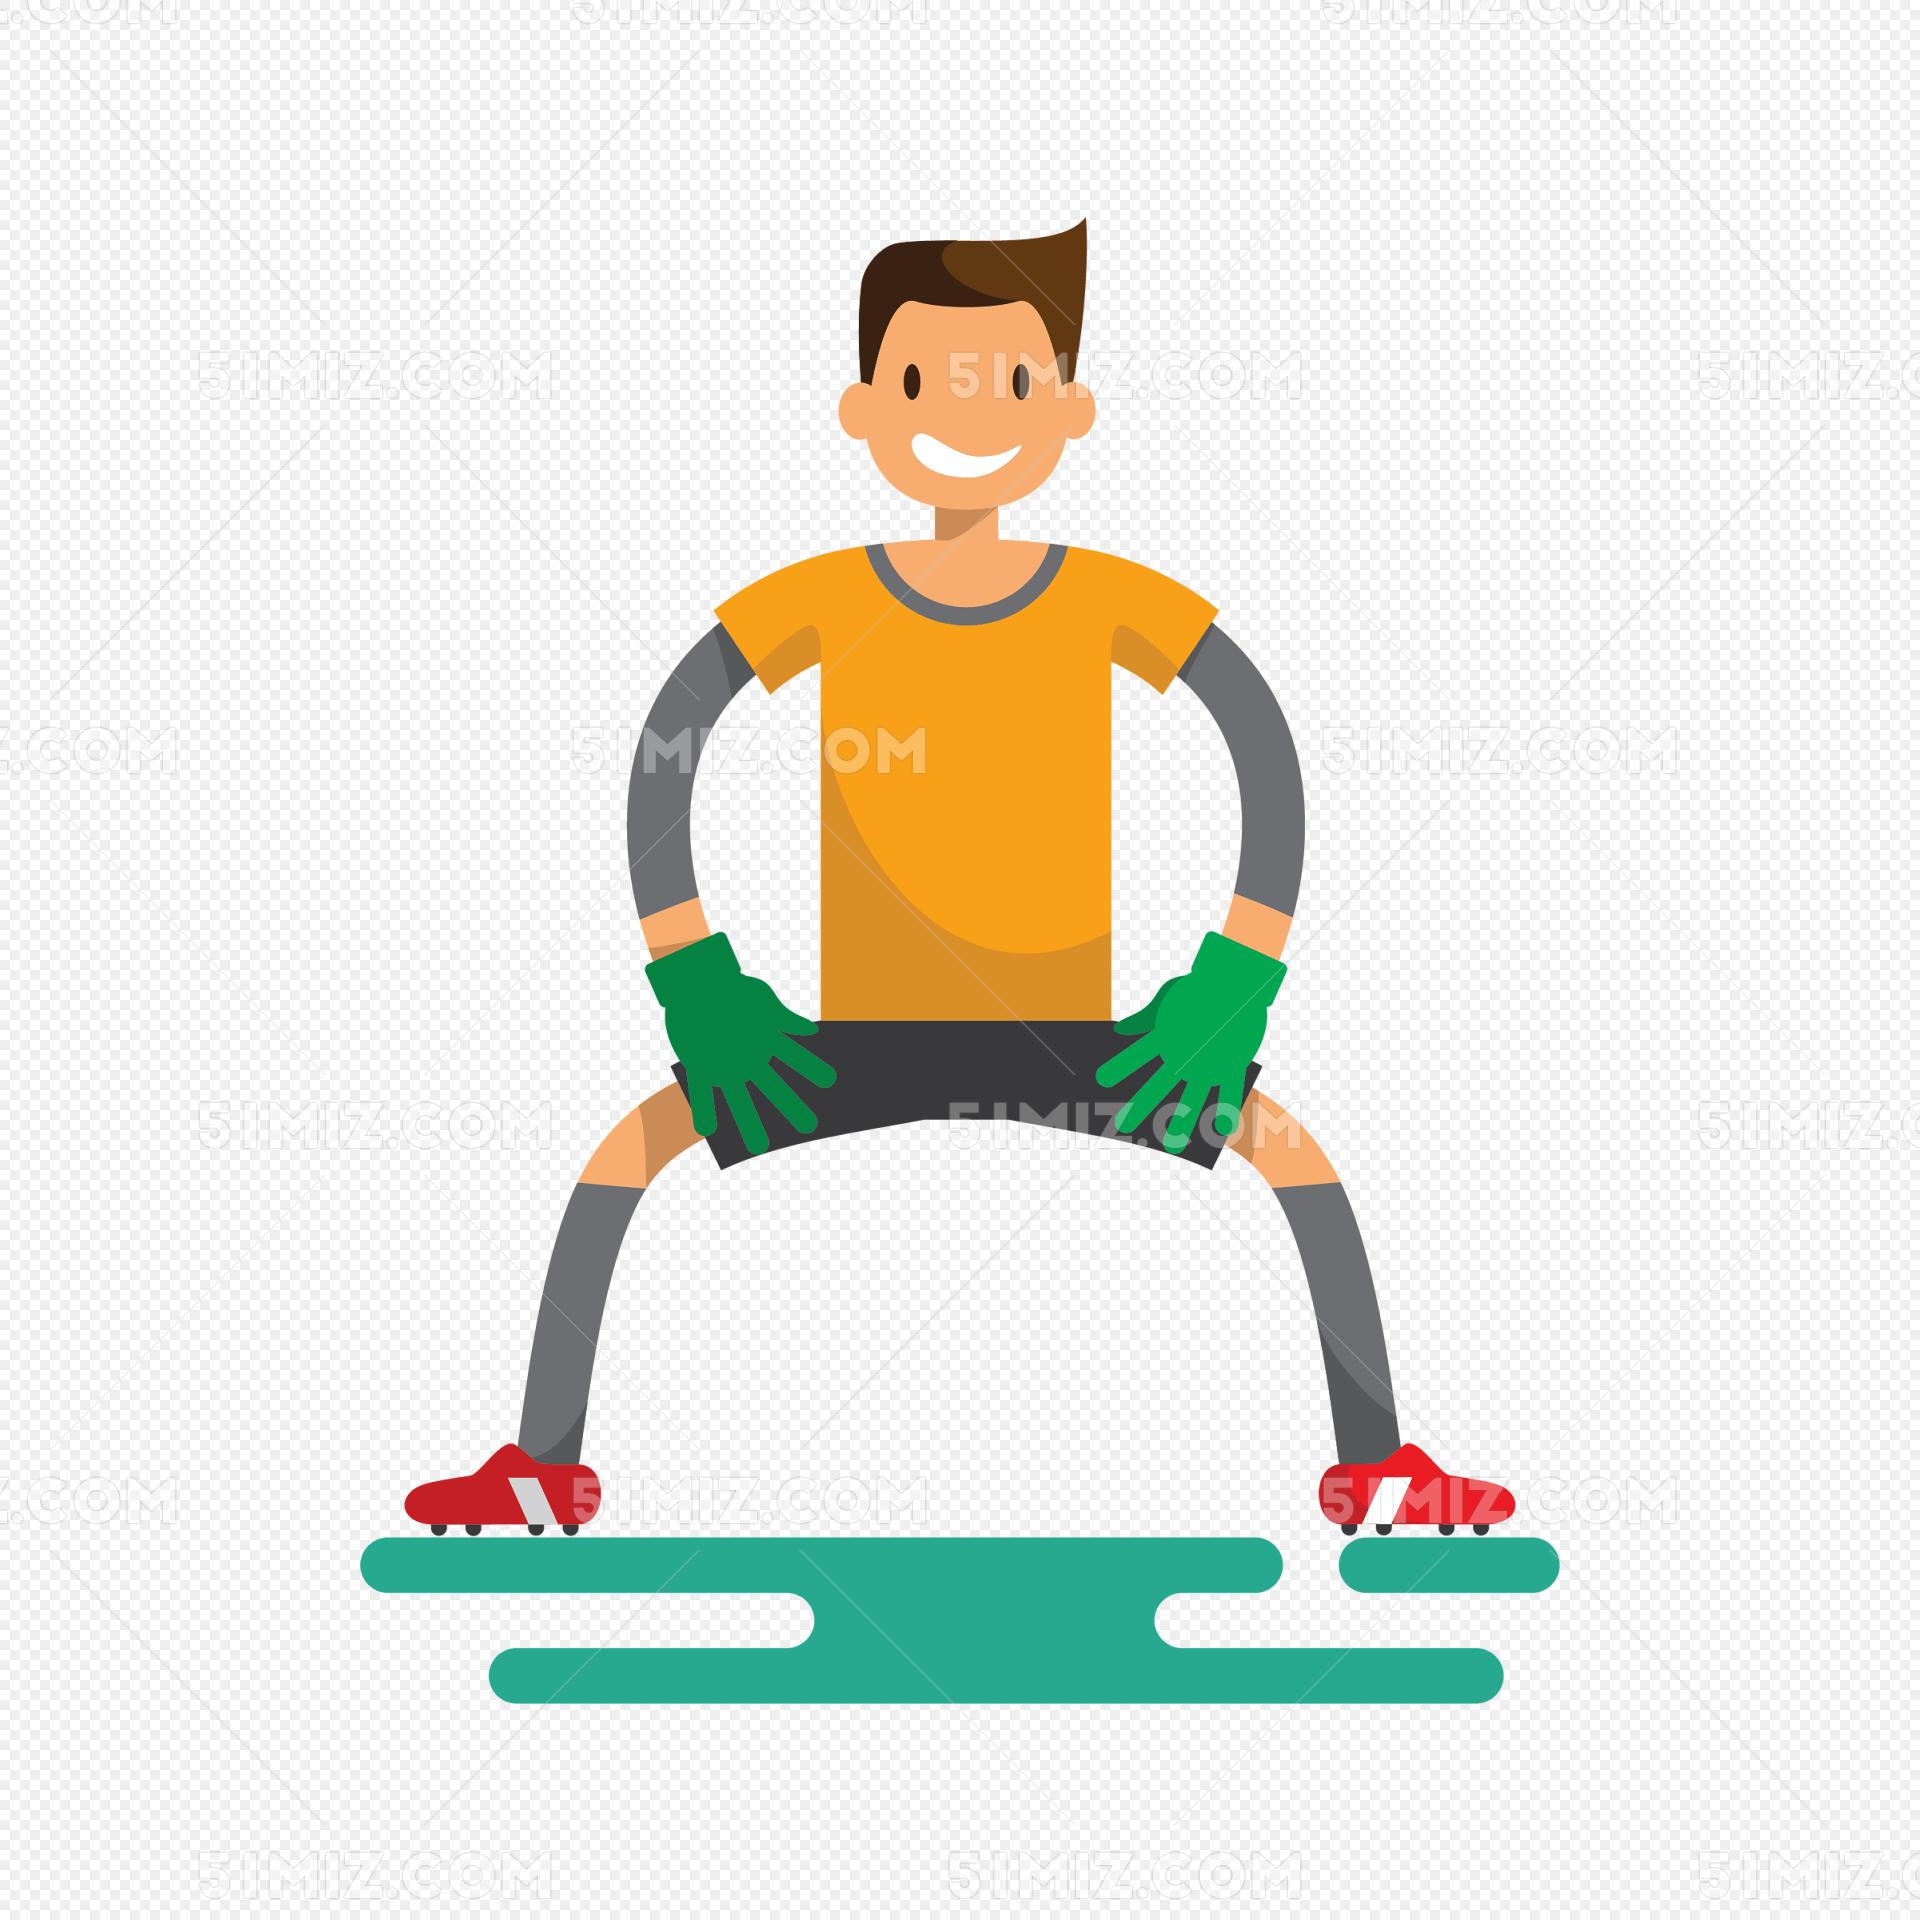 微笑卡通足球守门员免费下载_png素材_觅知网